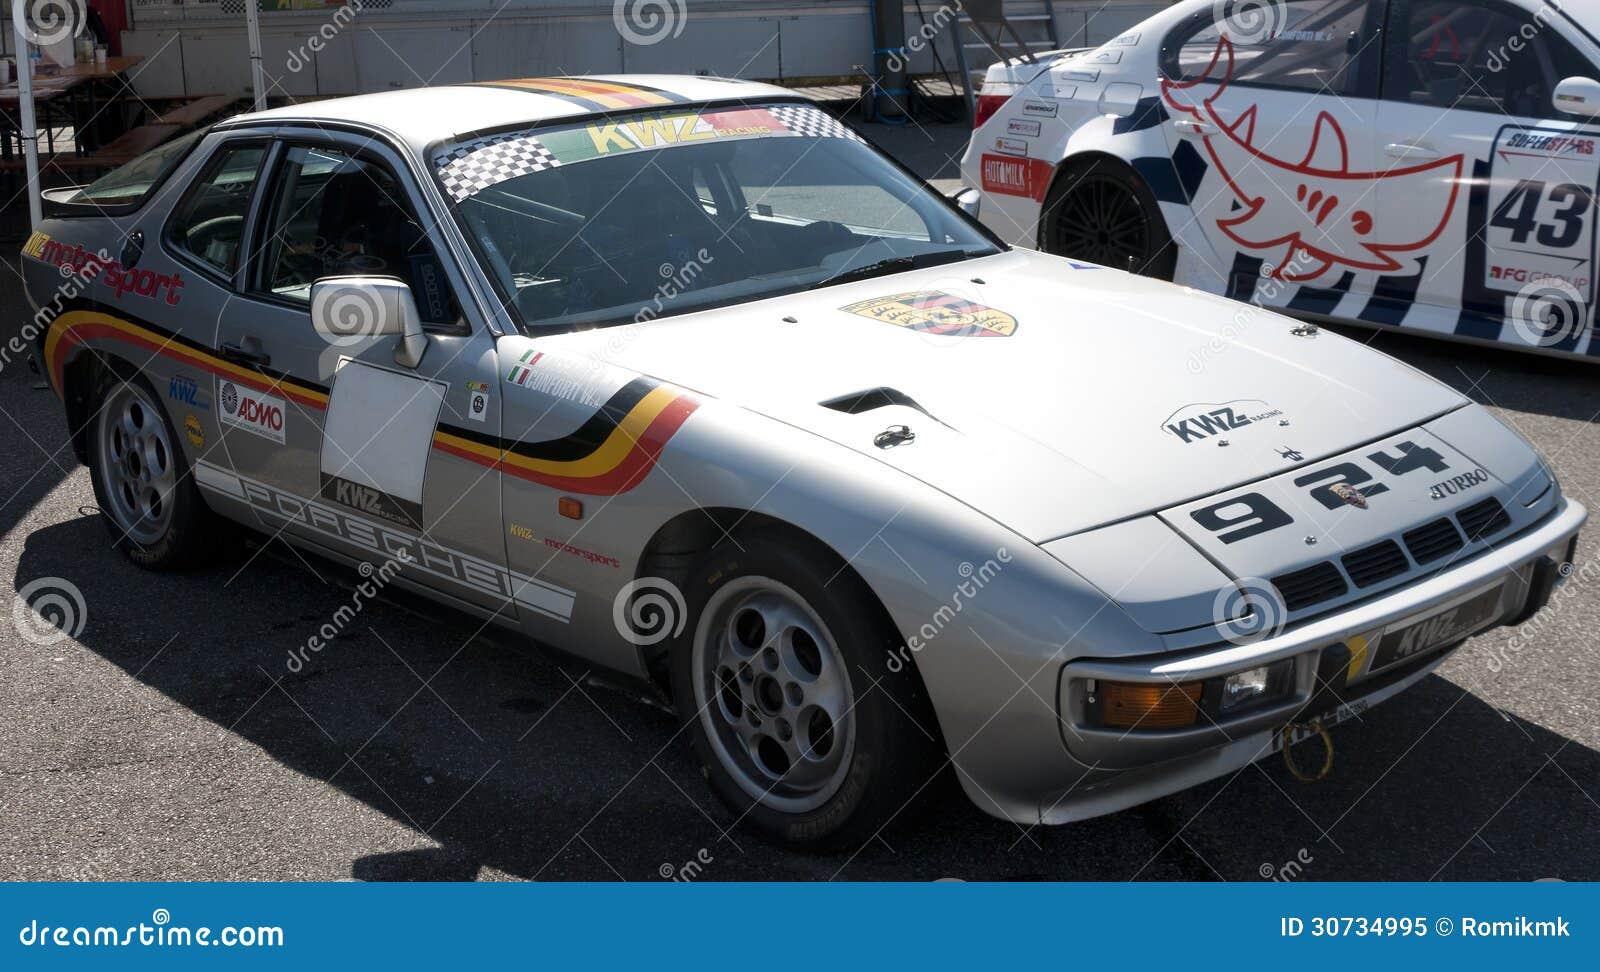 Sport Car Porsche 924 Editorial Image Cartoondealer Com